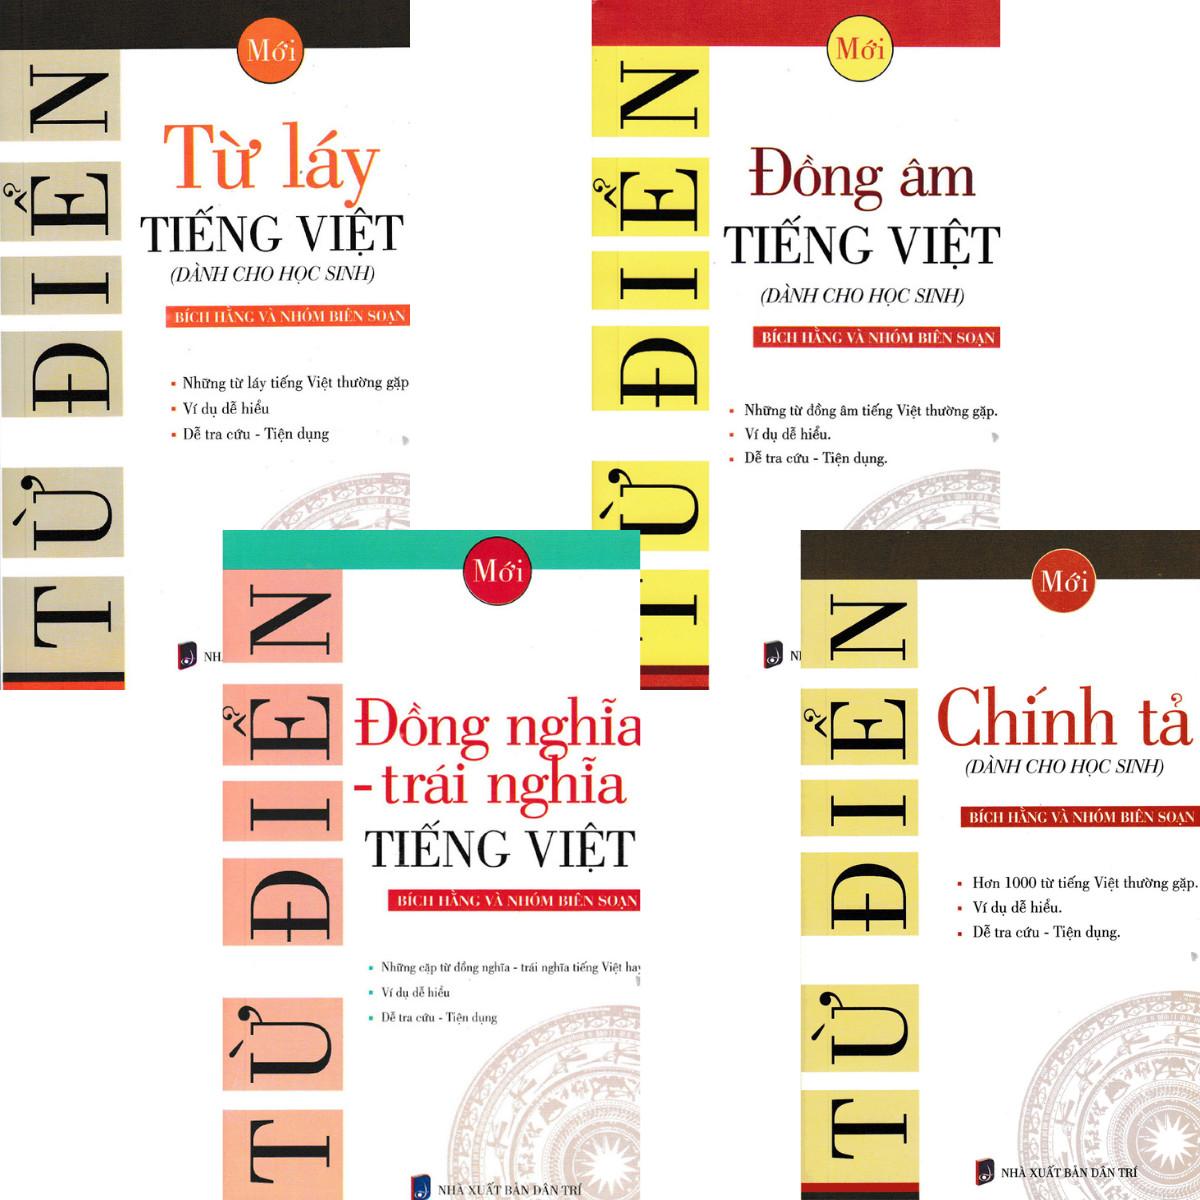 Combo 4 Quyển Từ Điển Chính Tả + Đồng Âm Tiếng Việt + Từ Láy Tiếng Việt + Từ Điển Đồng Nghĩa - Trái Nghĩa Tiếng Việt